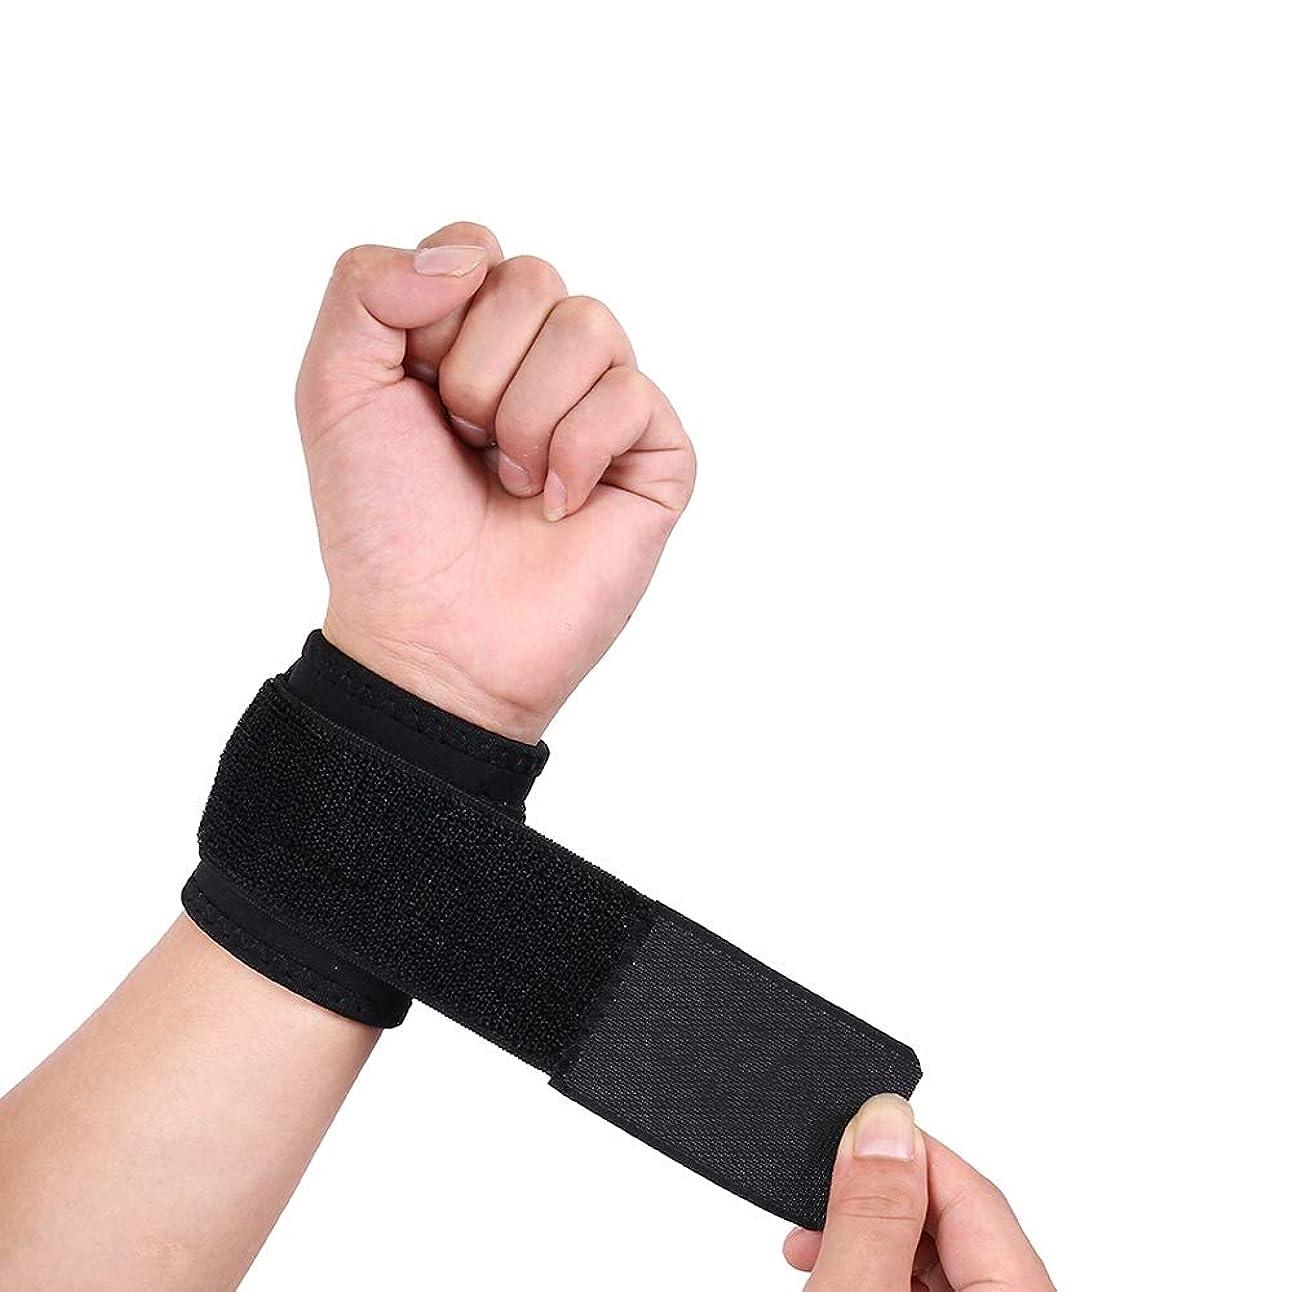 店主郡市場フィットネスリストバンド包帯、重量挙げリストバンド、手のひらサポートリストバンド、スポーツ傷害の防止、快適でウェアラブル (Color : Black)